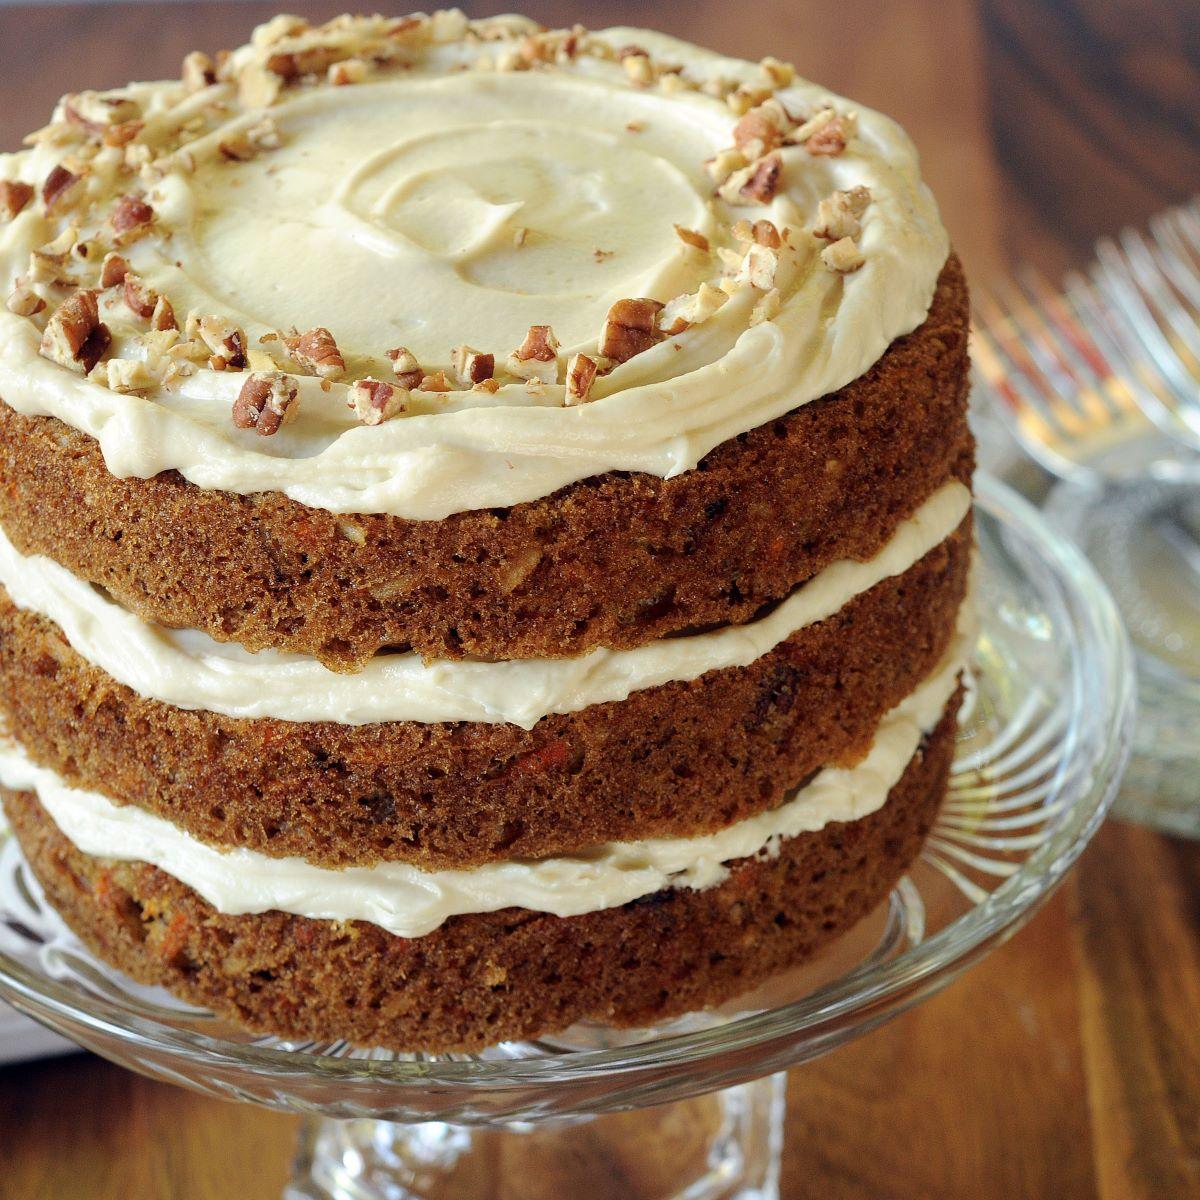 Uncut Carrot cake